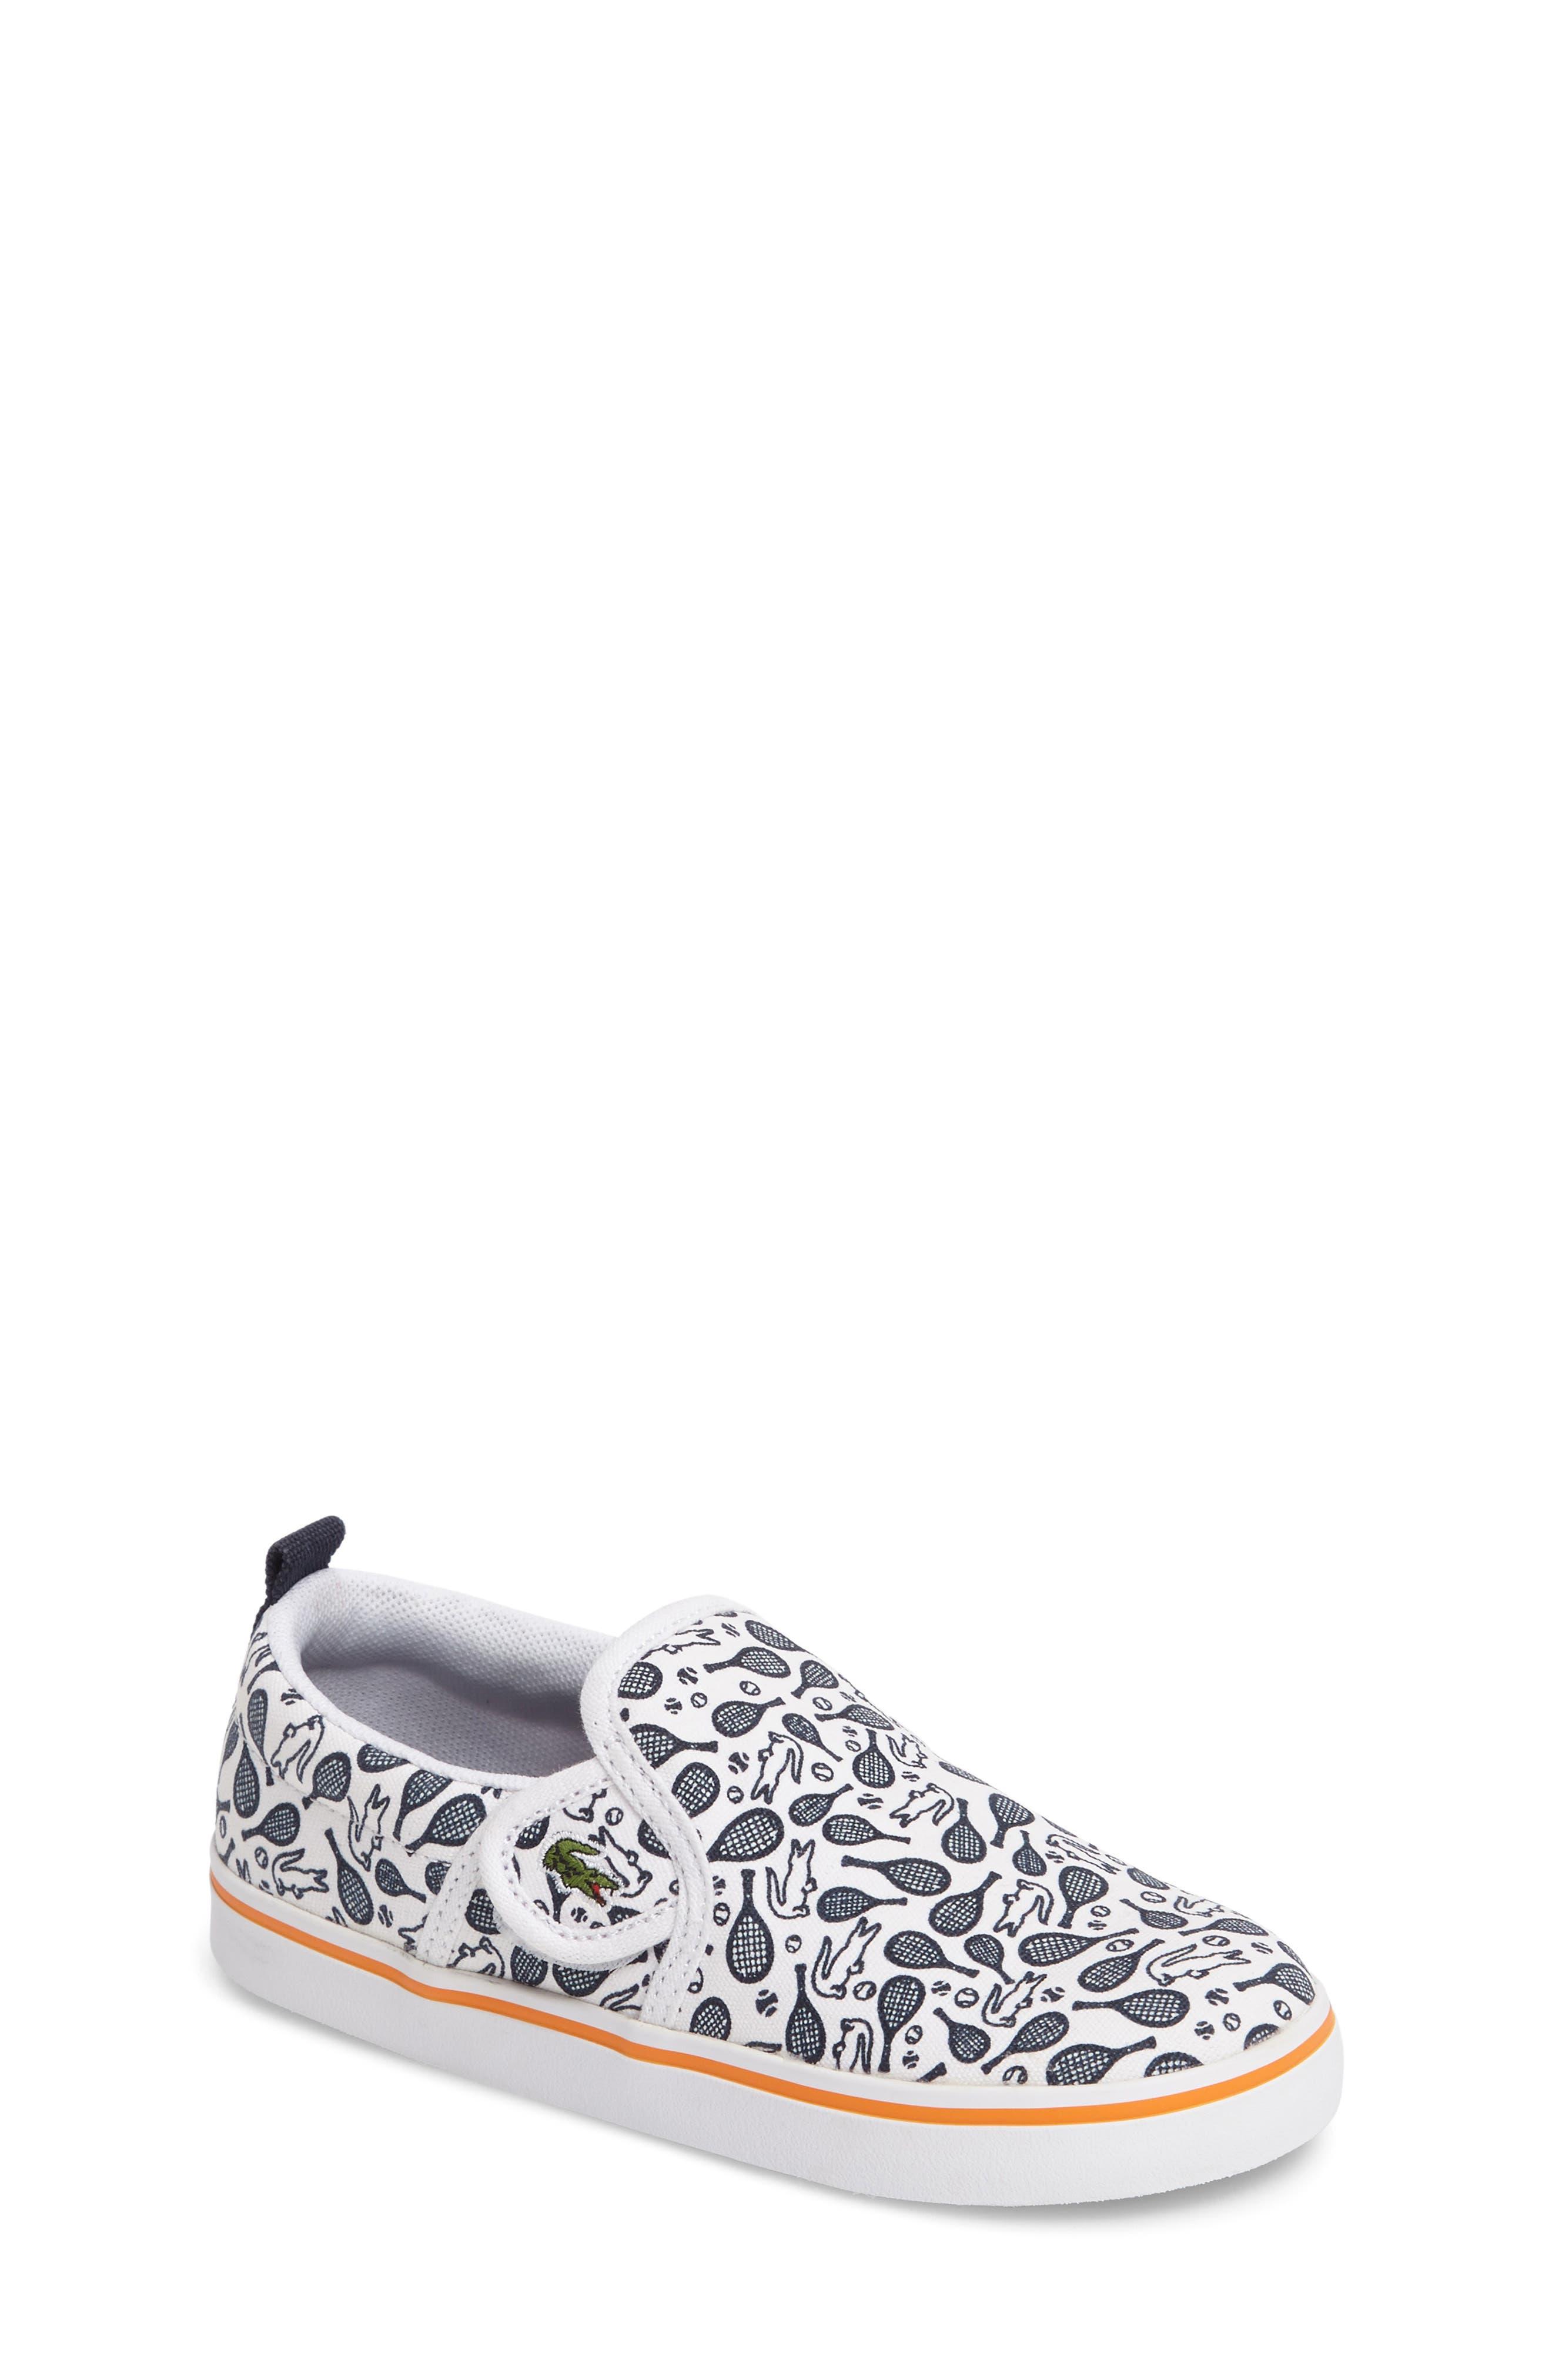 LACOSTE Gazon Slip-On Sneaker